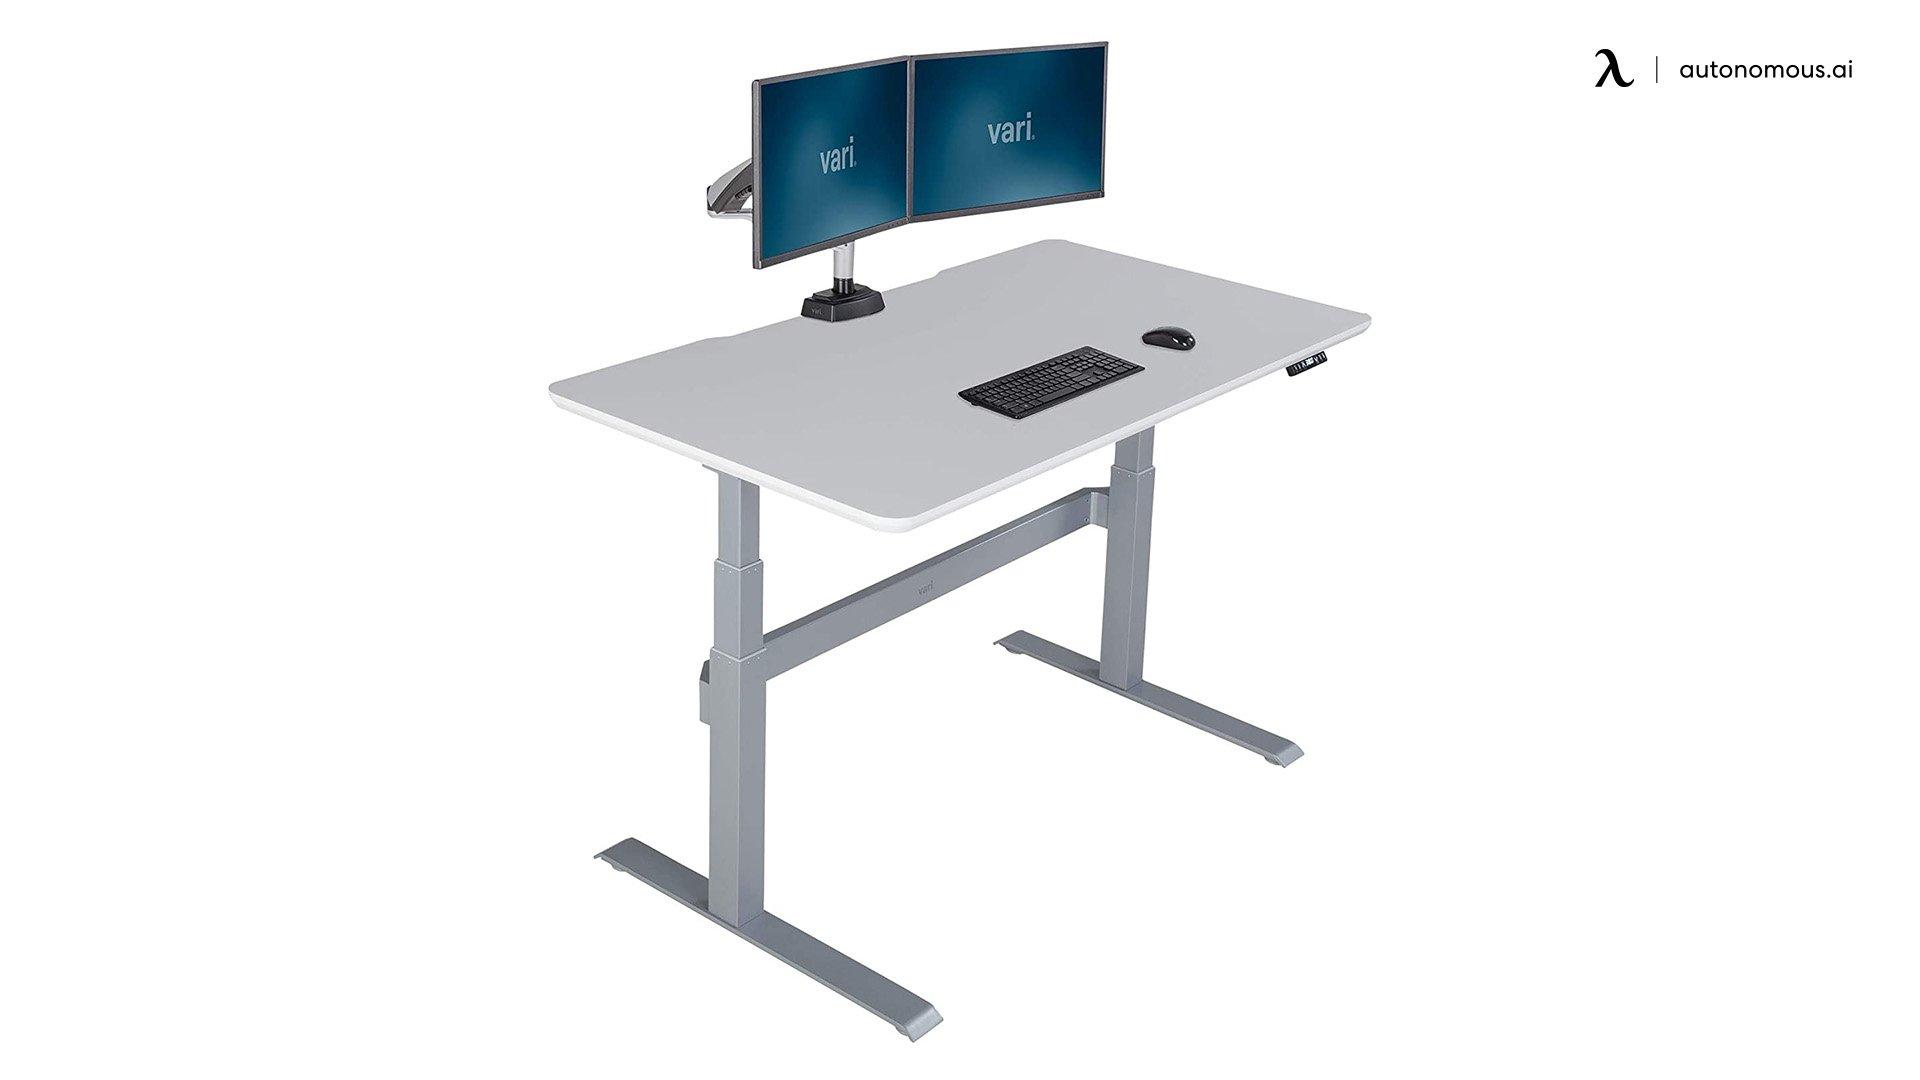 Vari Standing desk